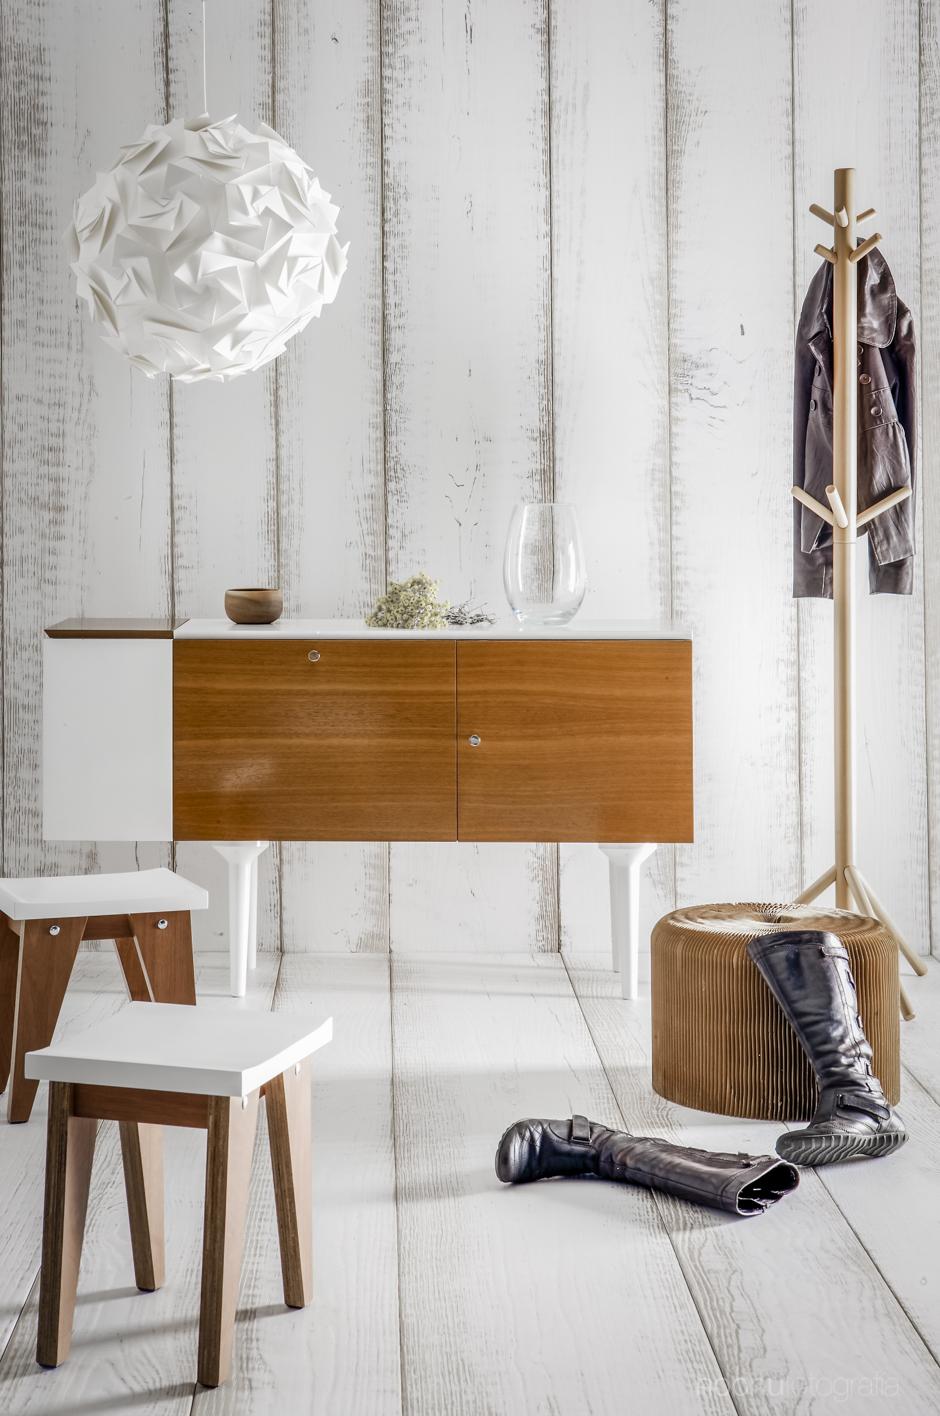 Noonu-fotografo-de-espacios-interiores-madrid-nordico 2